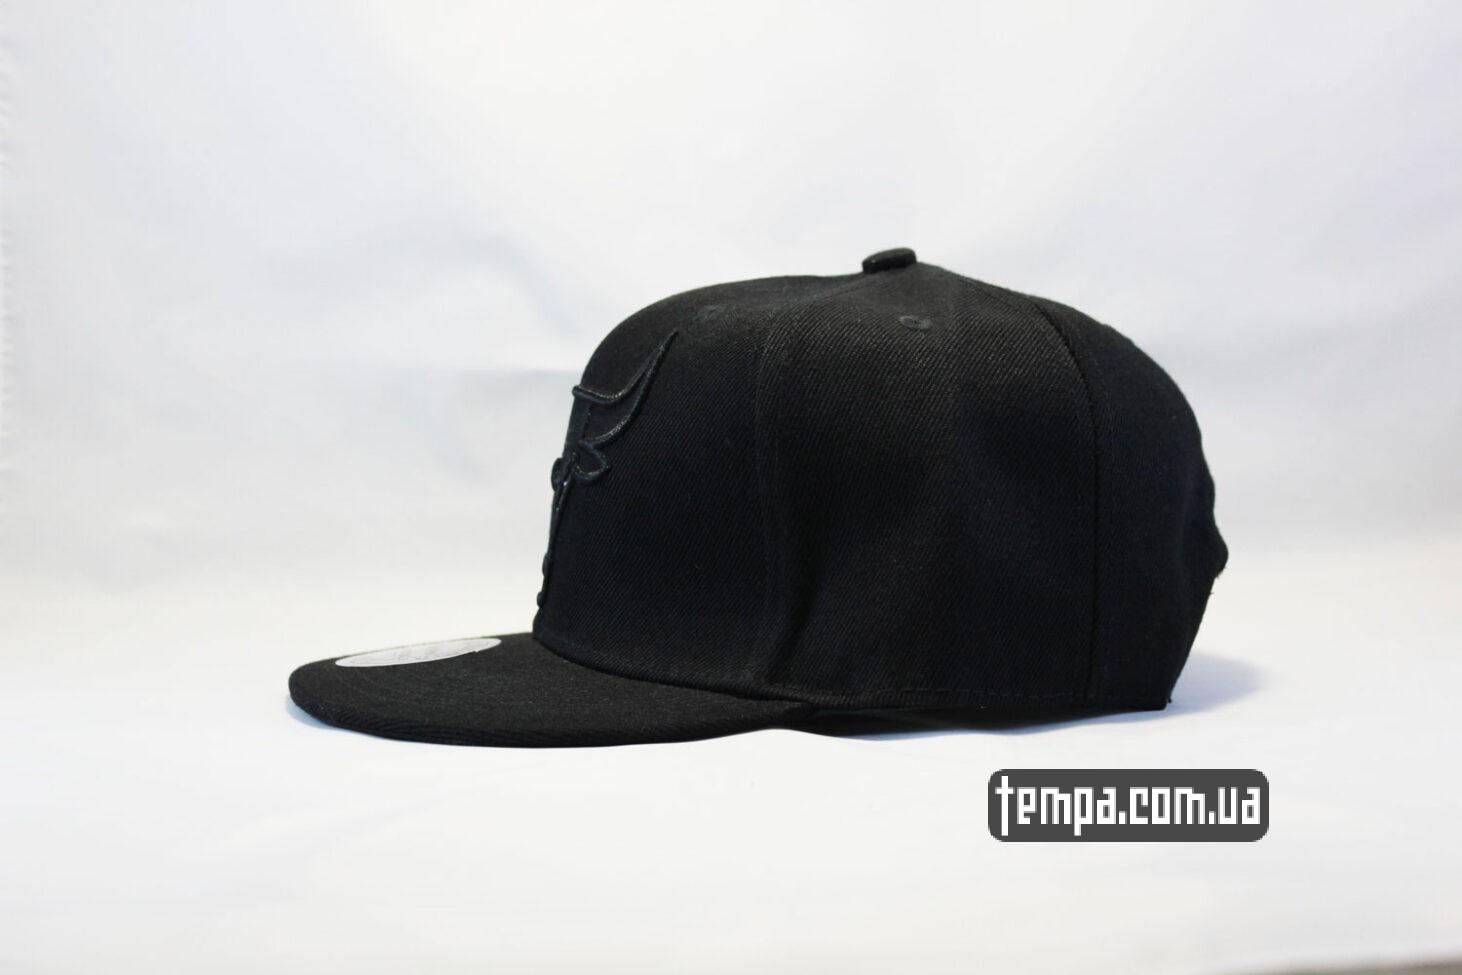 чисто черная без лишнего кепка snapback Chicago Bulls black New Era черная с черным быком